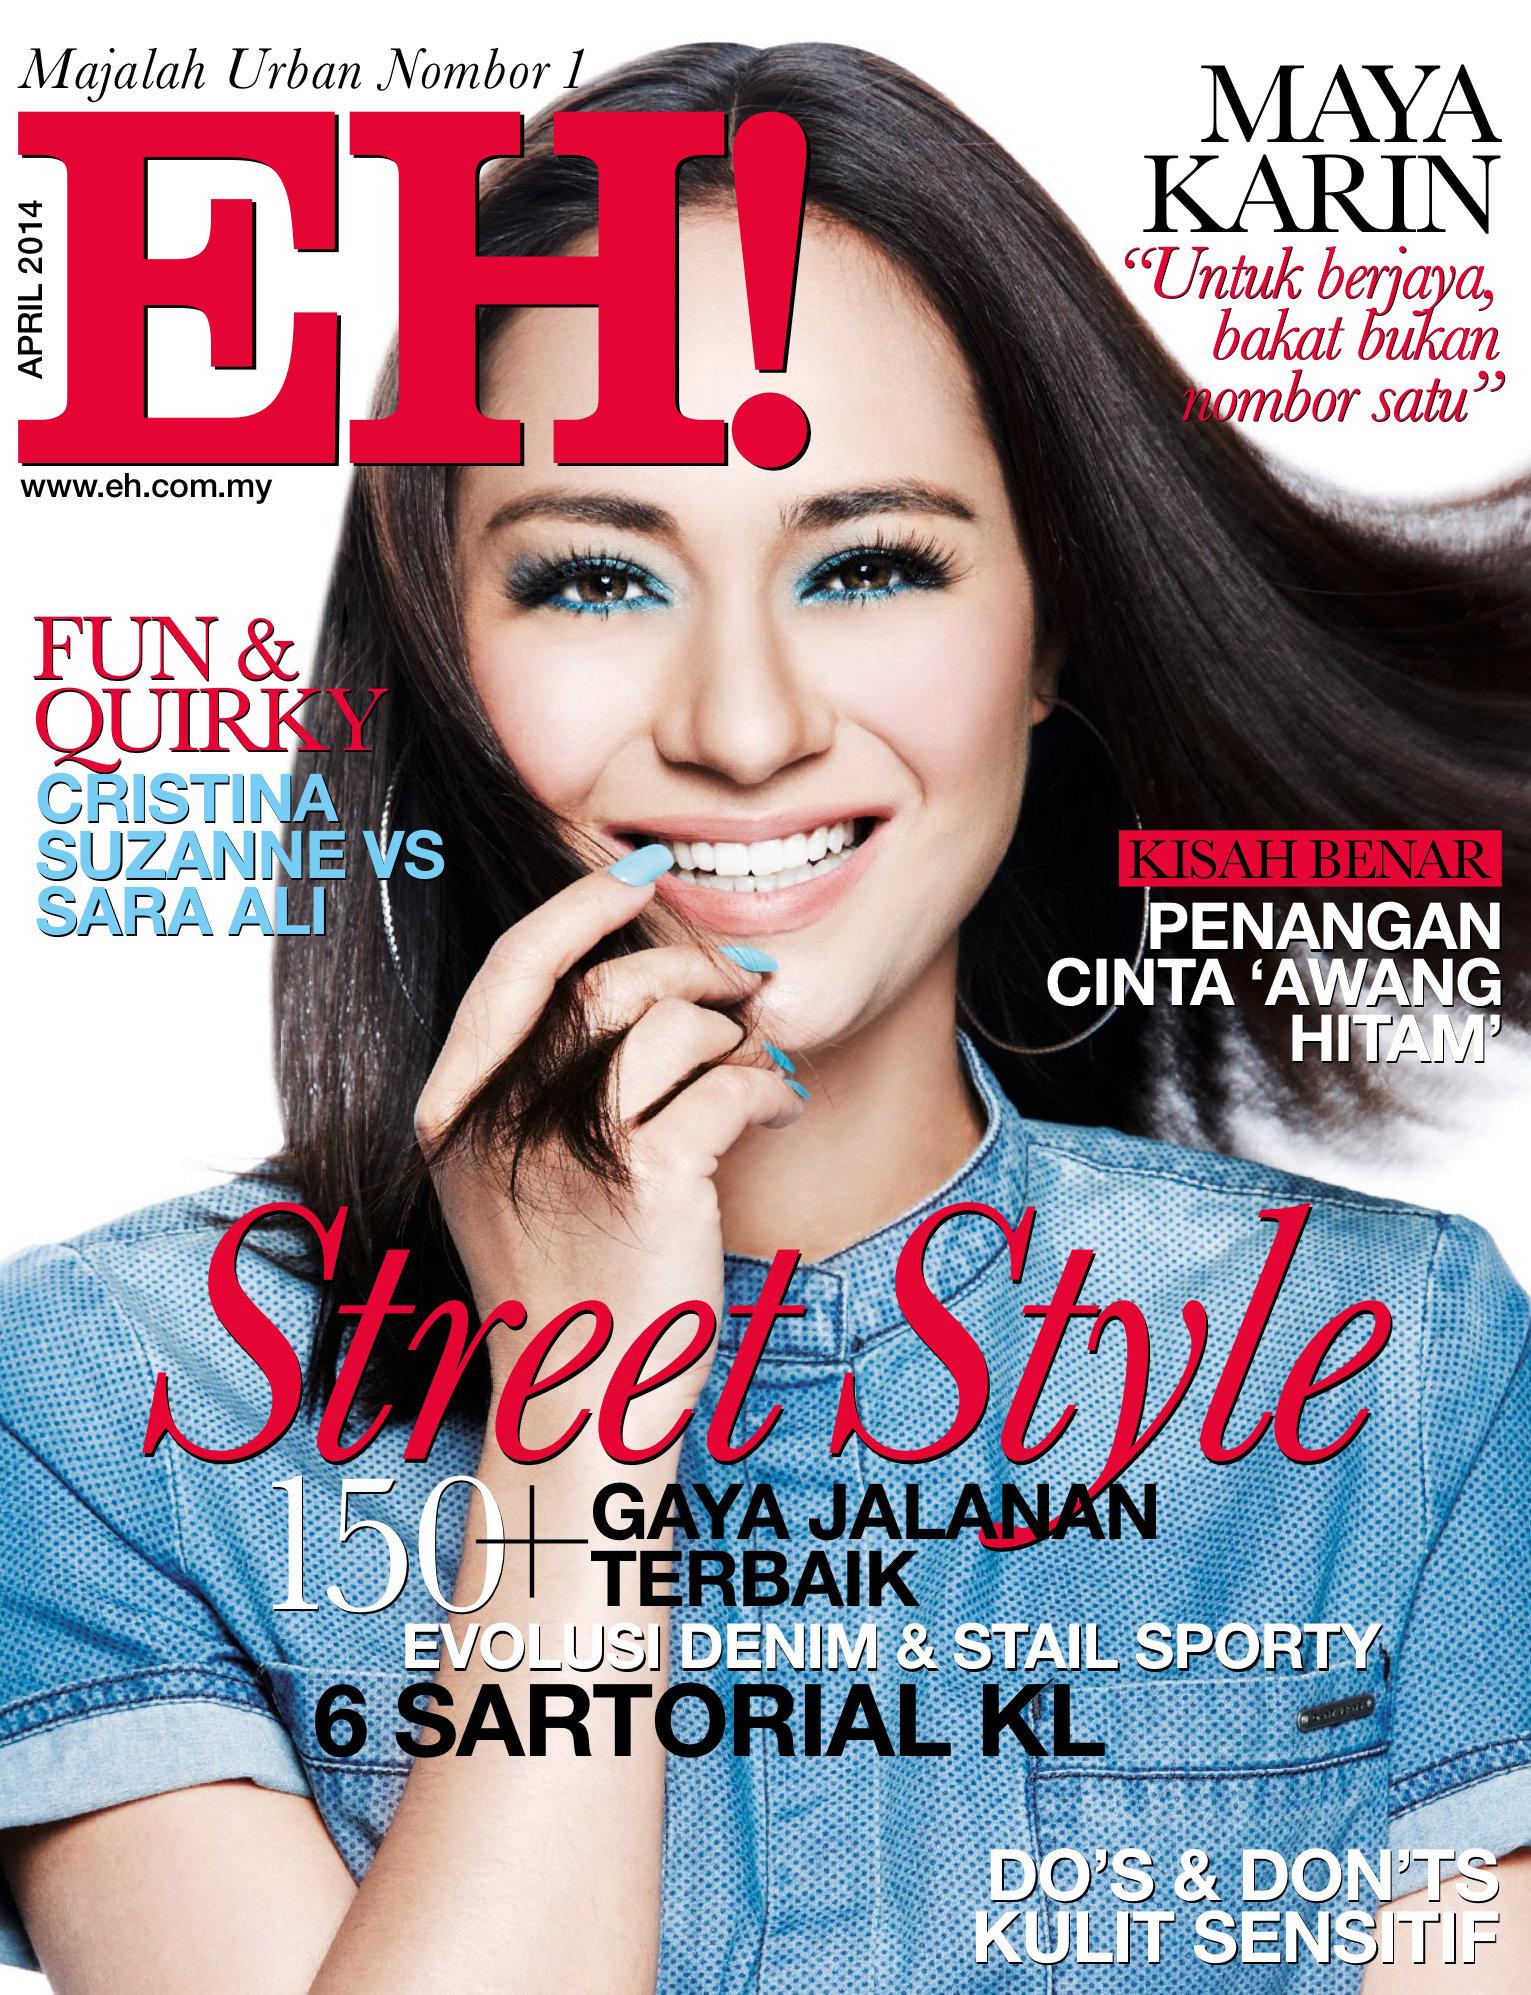 Maya Karin Jadi Penghias Muka Depan Majalah EH! April 2014